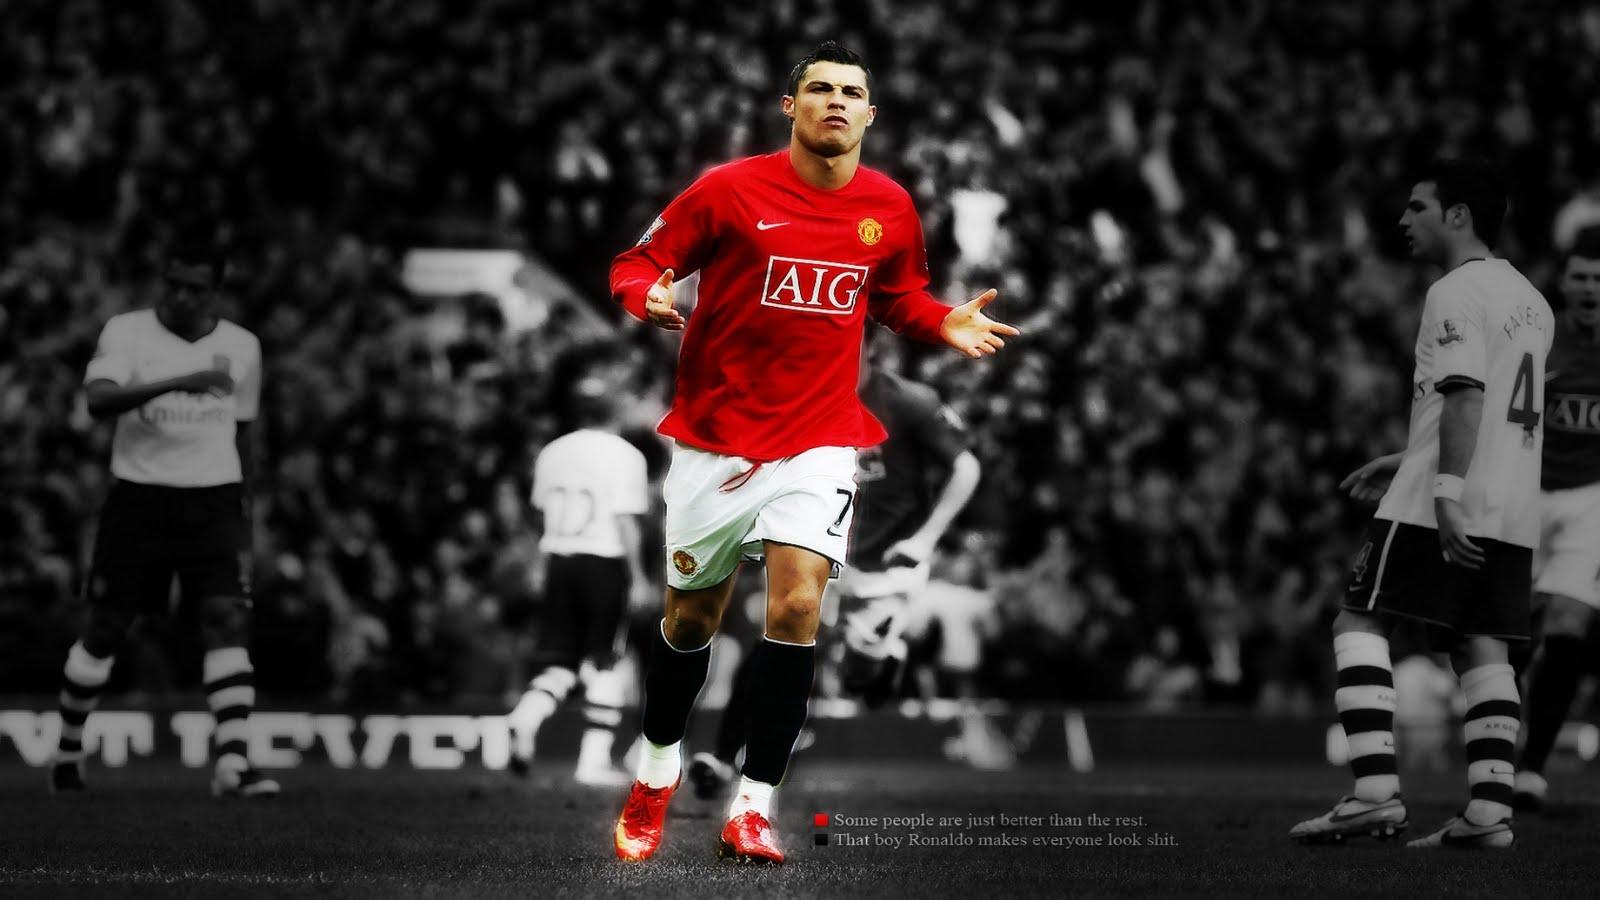 http://2.bp.blogspot.com/-X6tg0SB1pDc/Tm4p1A4R1sI/AAAAAAAAANw/jNuIxHIRzPg/s1600/Cristiano-Ronaldo-igrac-Manchester-Uniteda-download-besplatne-pozadine-za-desktop-1920-x-1080-HDTV-1080p-slike-kompjuteri-sport-nogomet.jpg